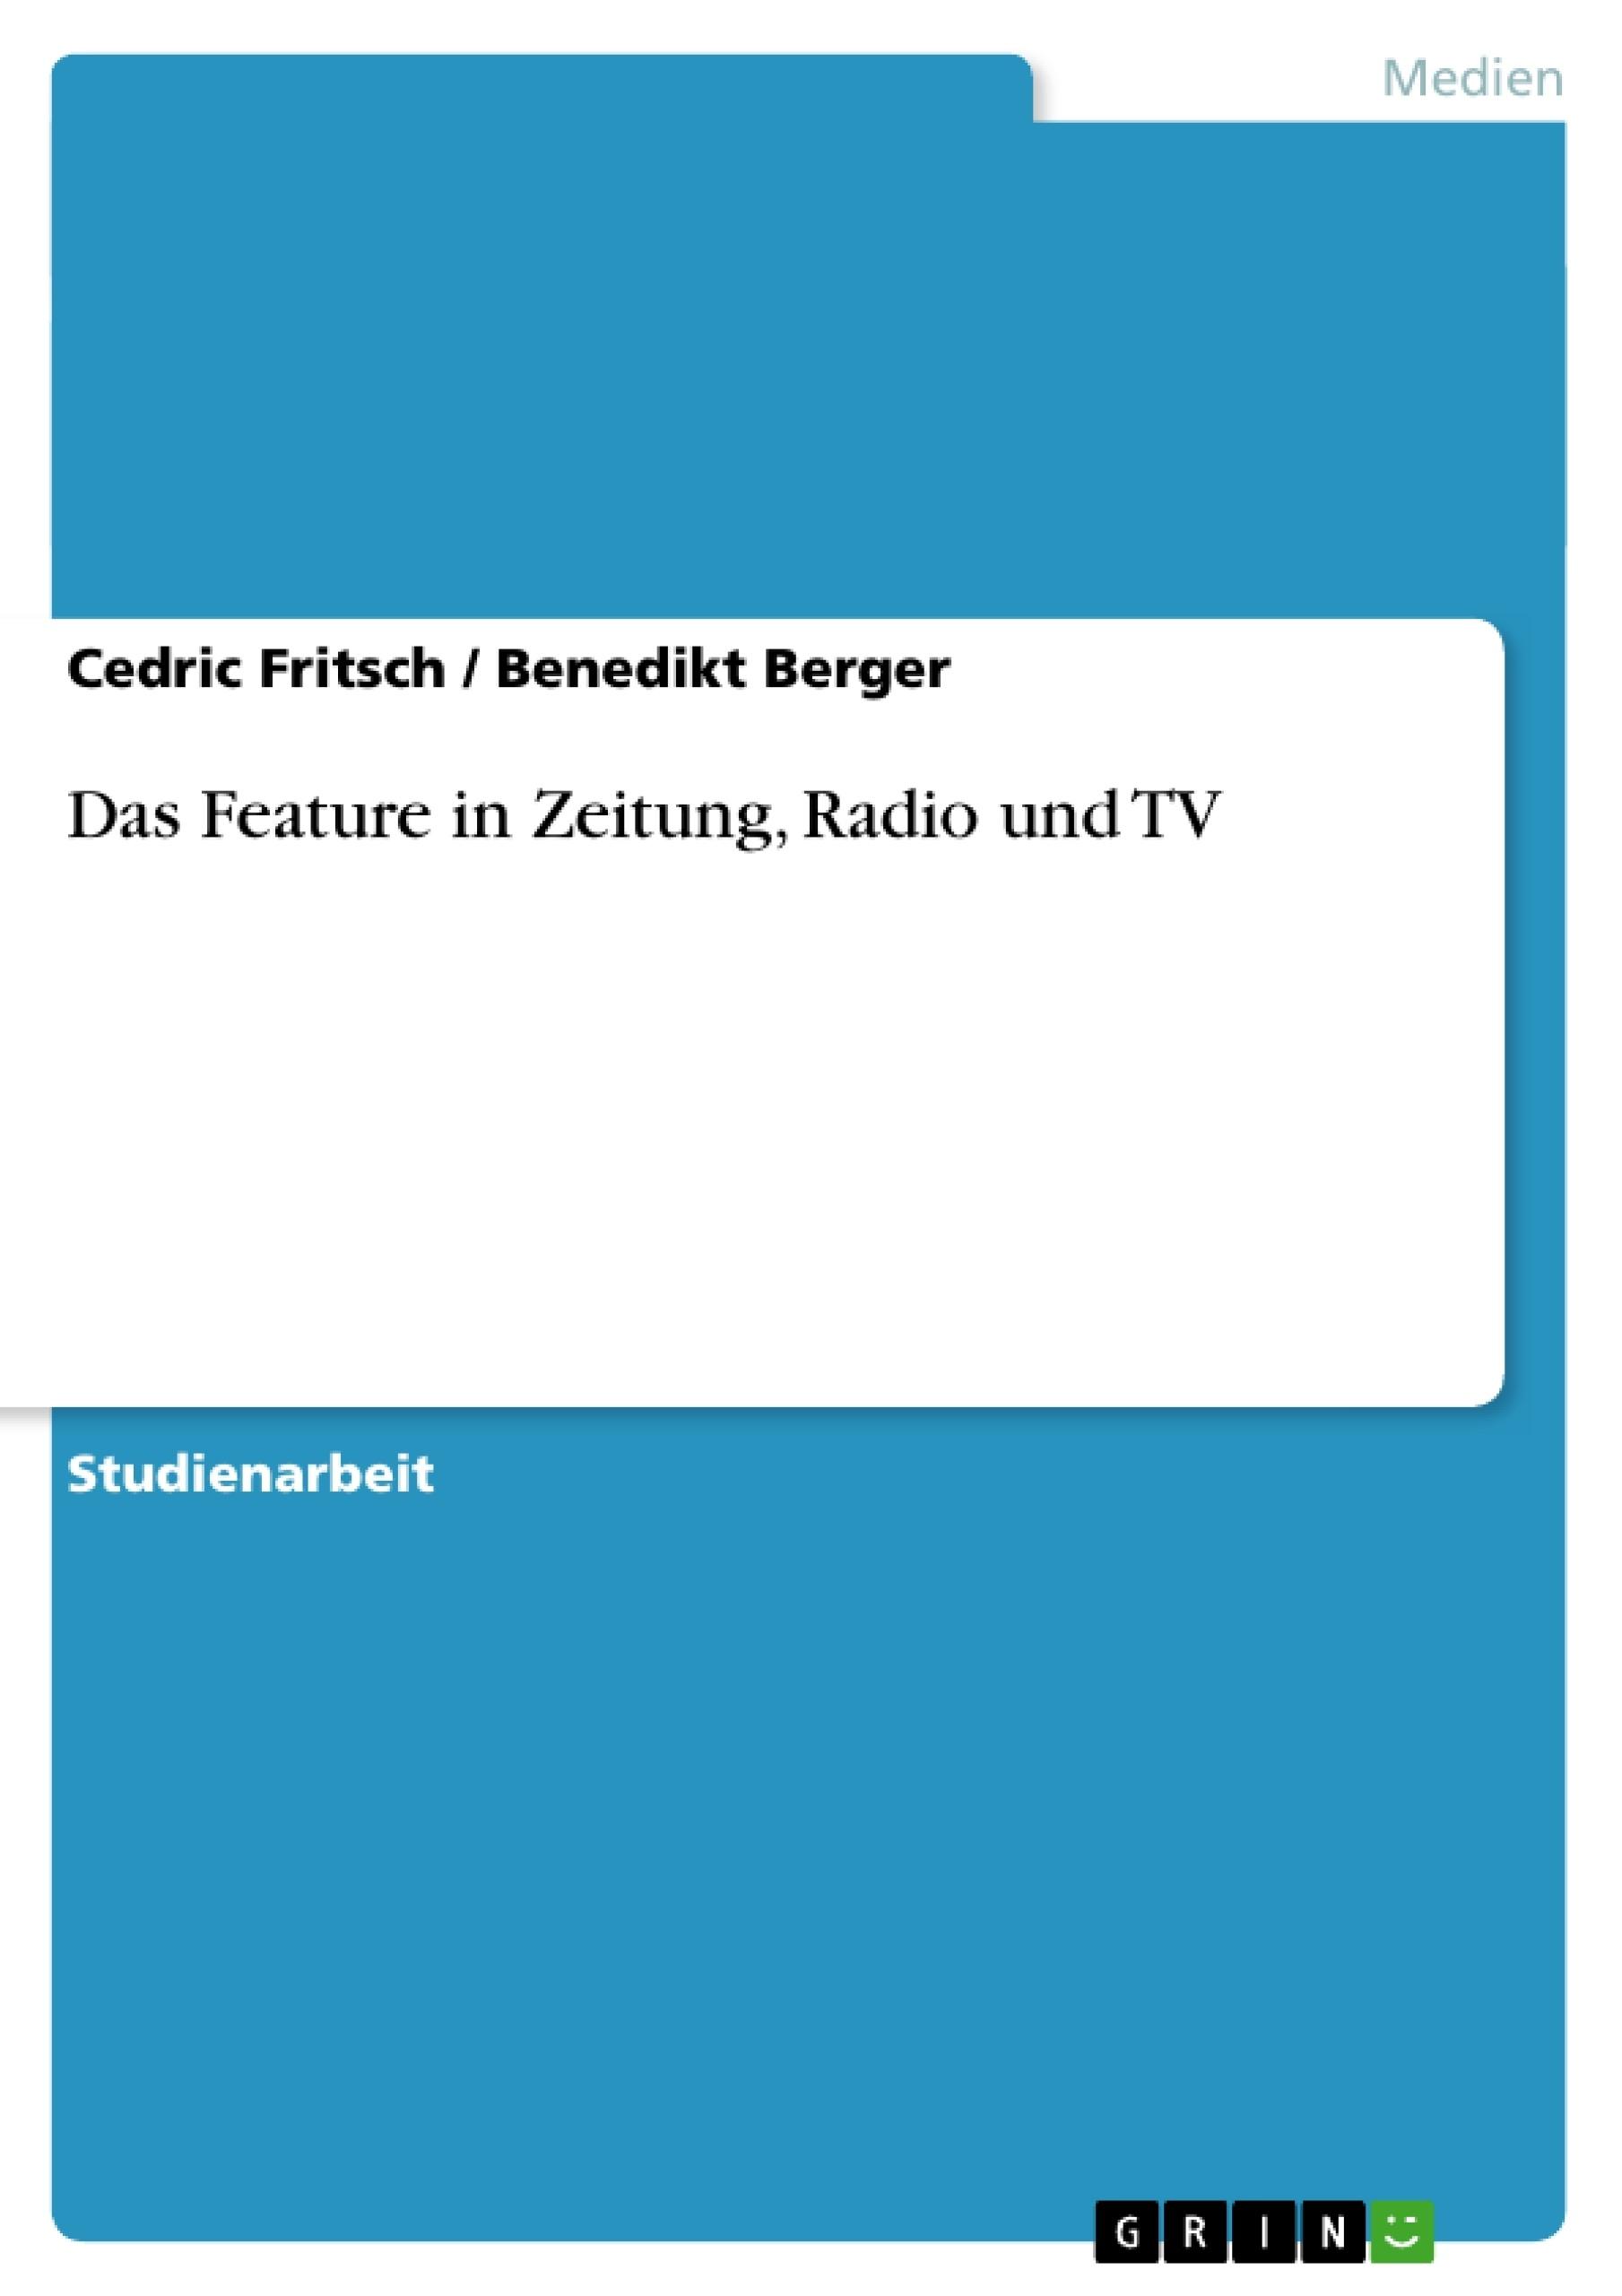 Titel: Das Feature in Zeitung, Radio und TV